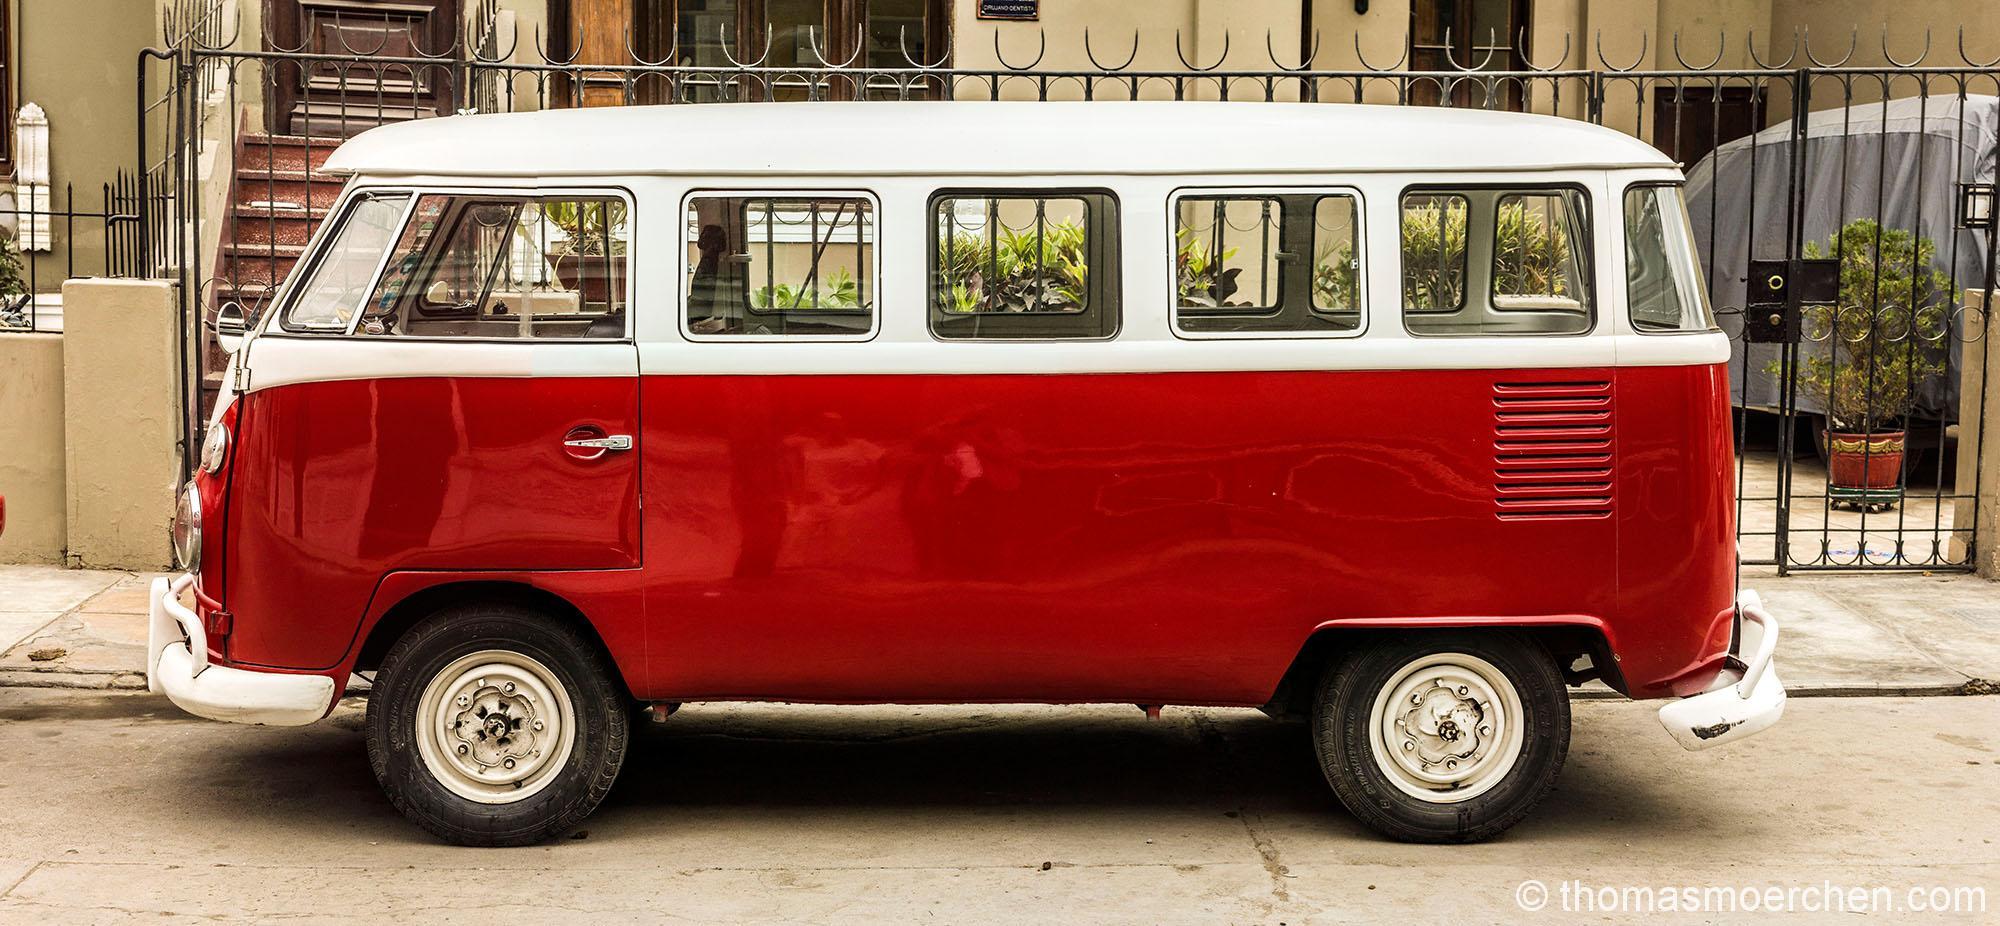 Bis 1997 als Mix aus T1 und T2 und bis Heute und auch weiterhin als T2-Kombi in Südamerika hergestellt. Dementsprechend prägt er auch das Strassenbild.